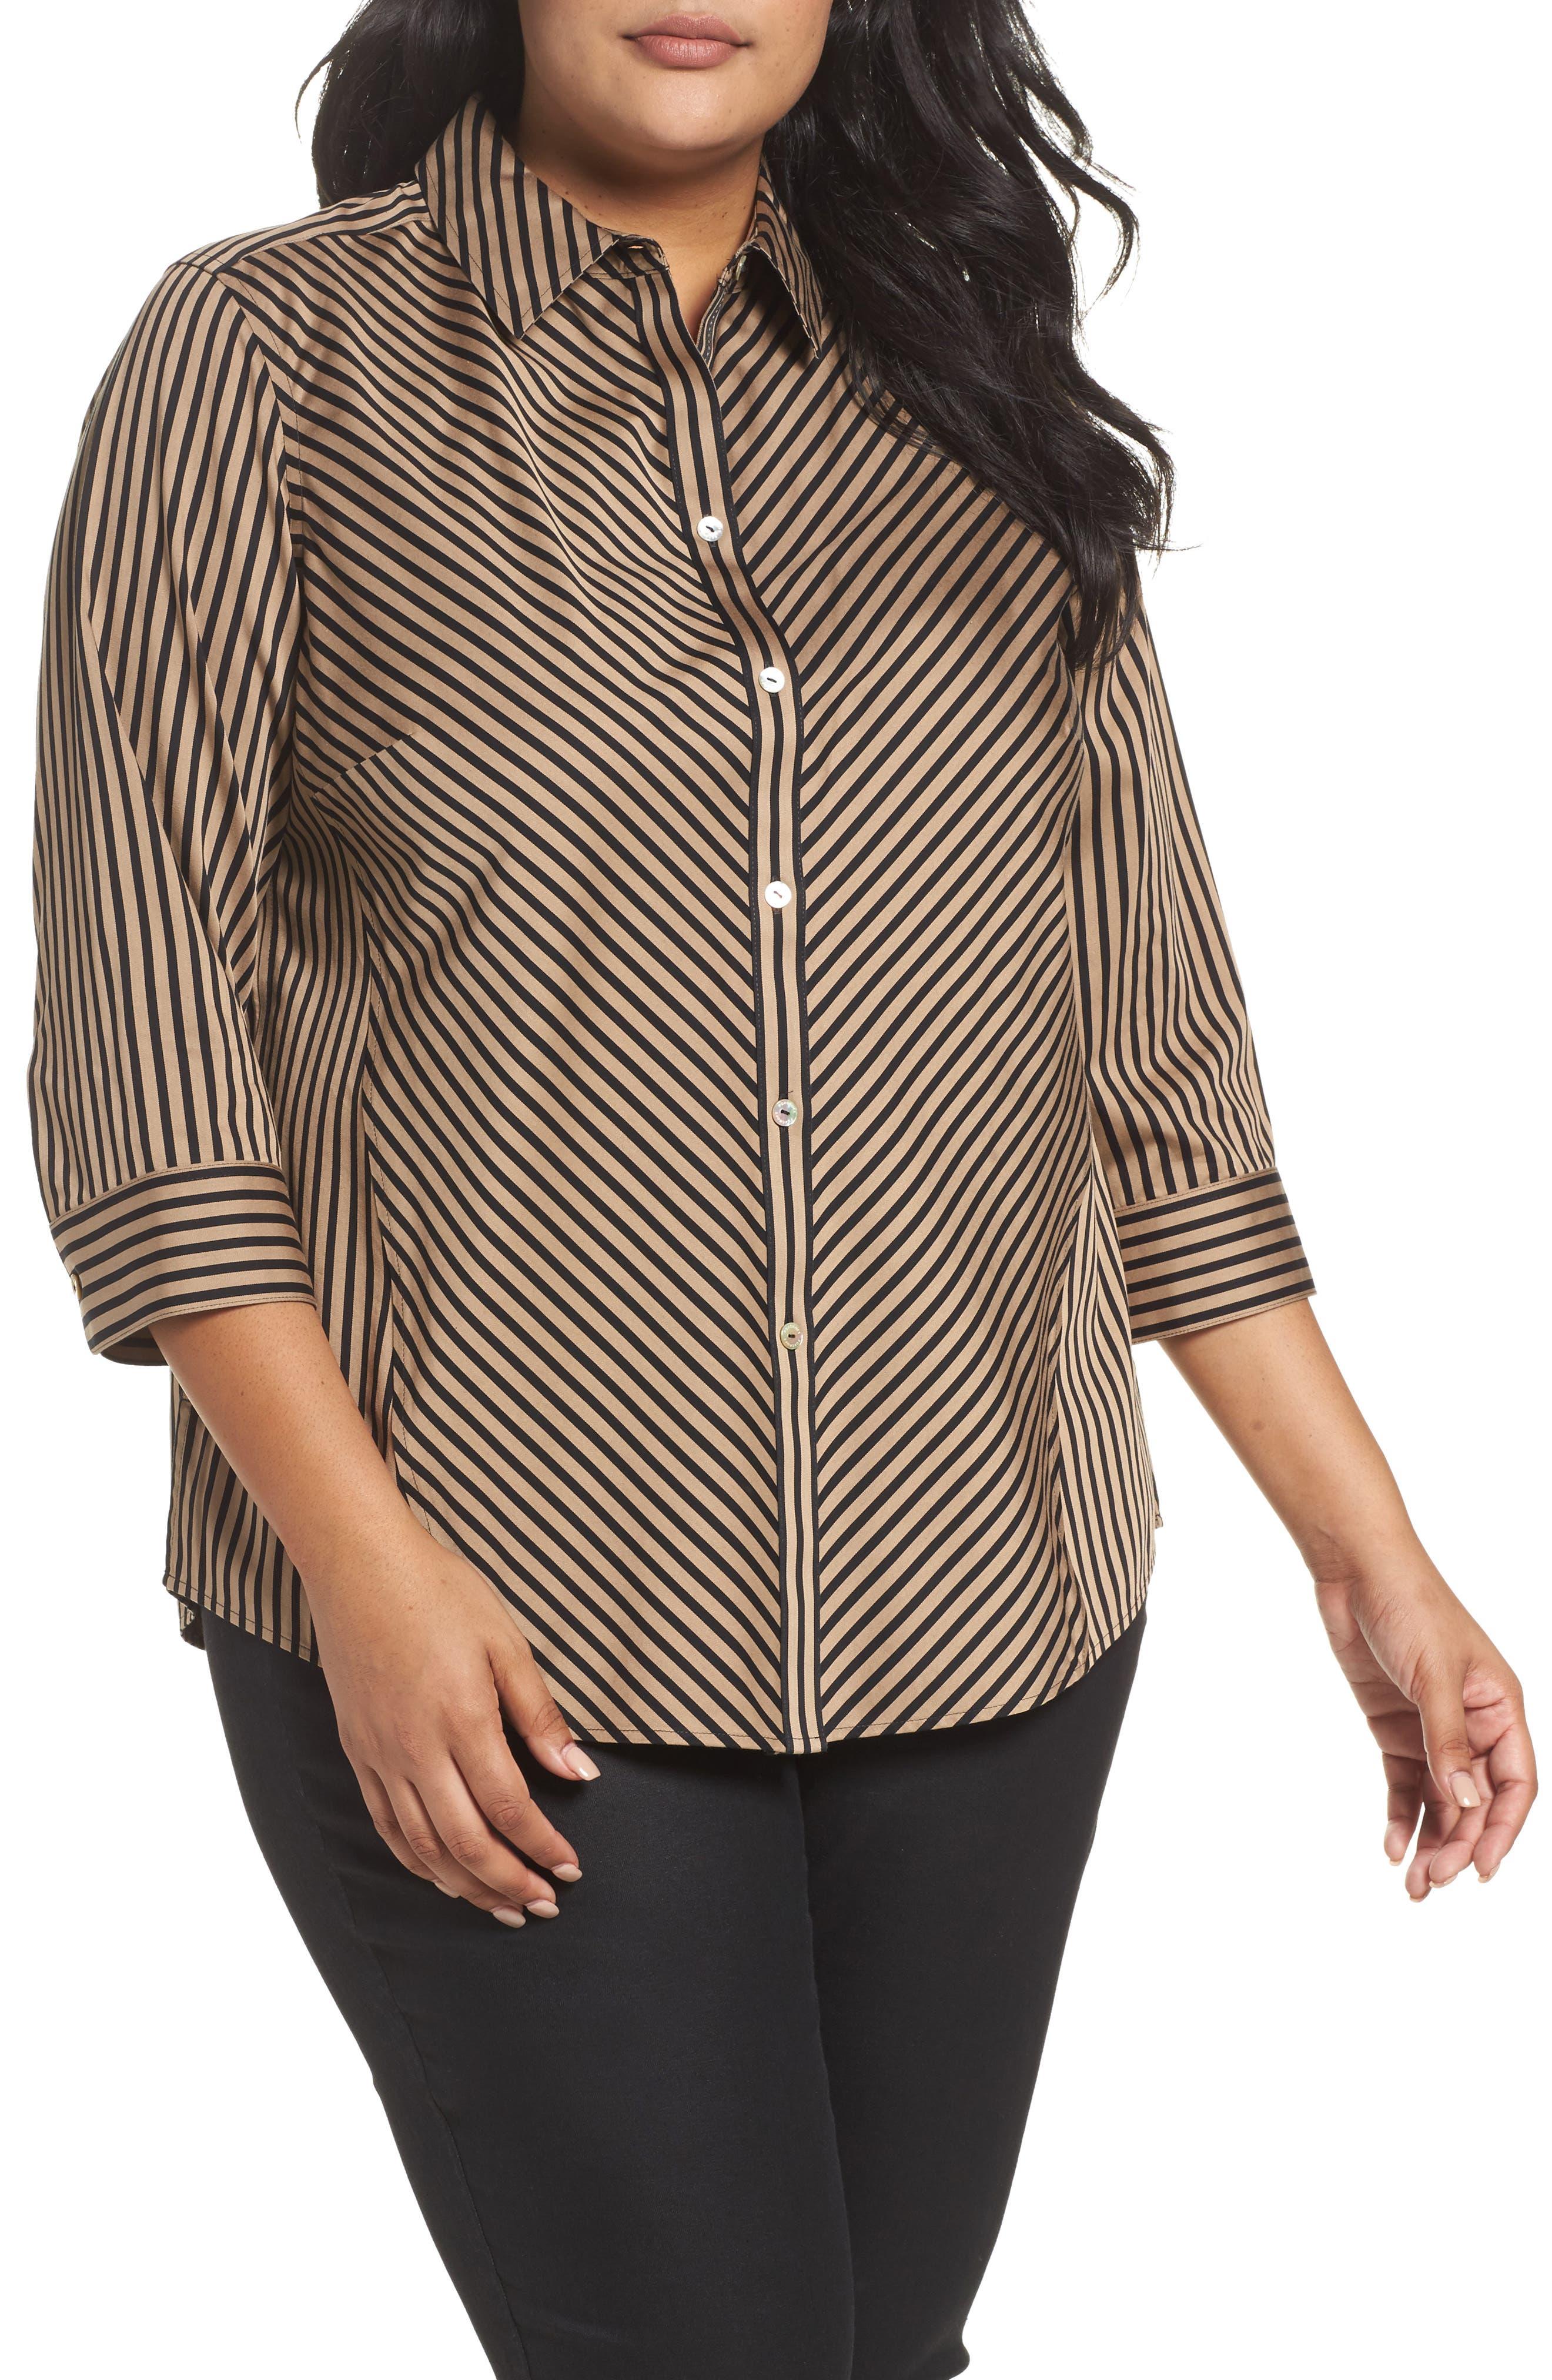 Fallon Satin Stripe Cotton Shirt,                         Main,                         color, Camel